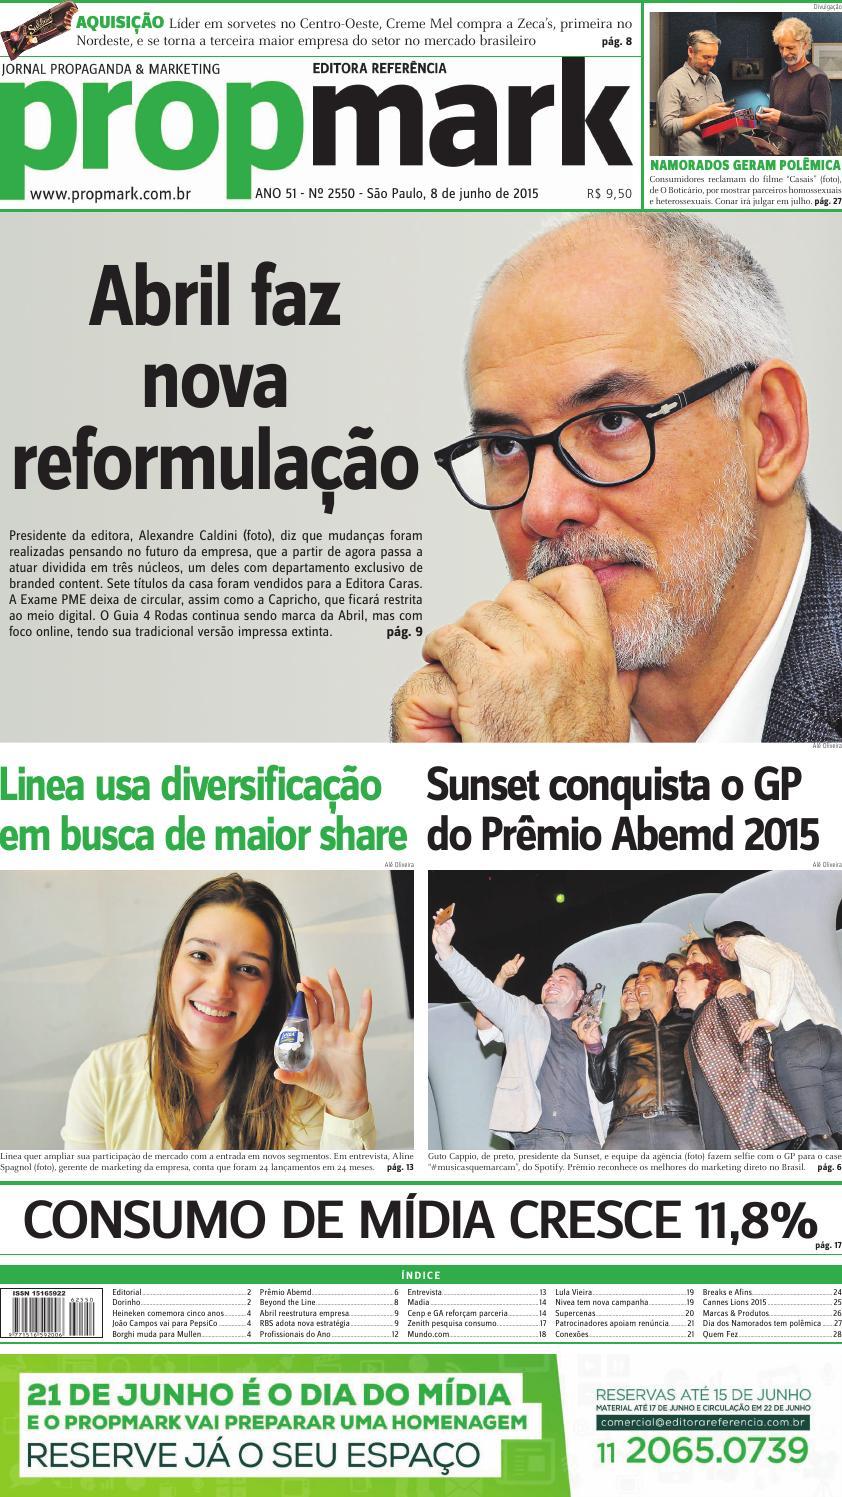 ef29b181e6926 Segunda 08 de junho de 2015 by propmark - issuu